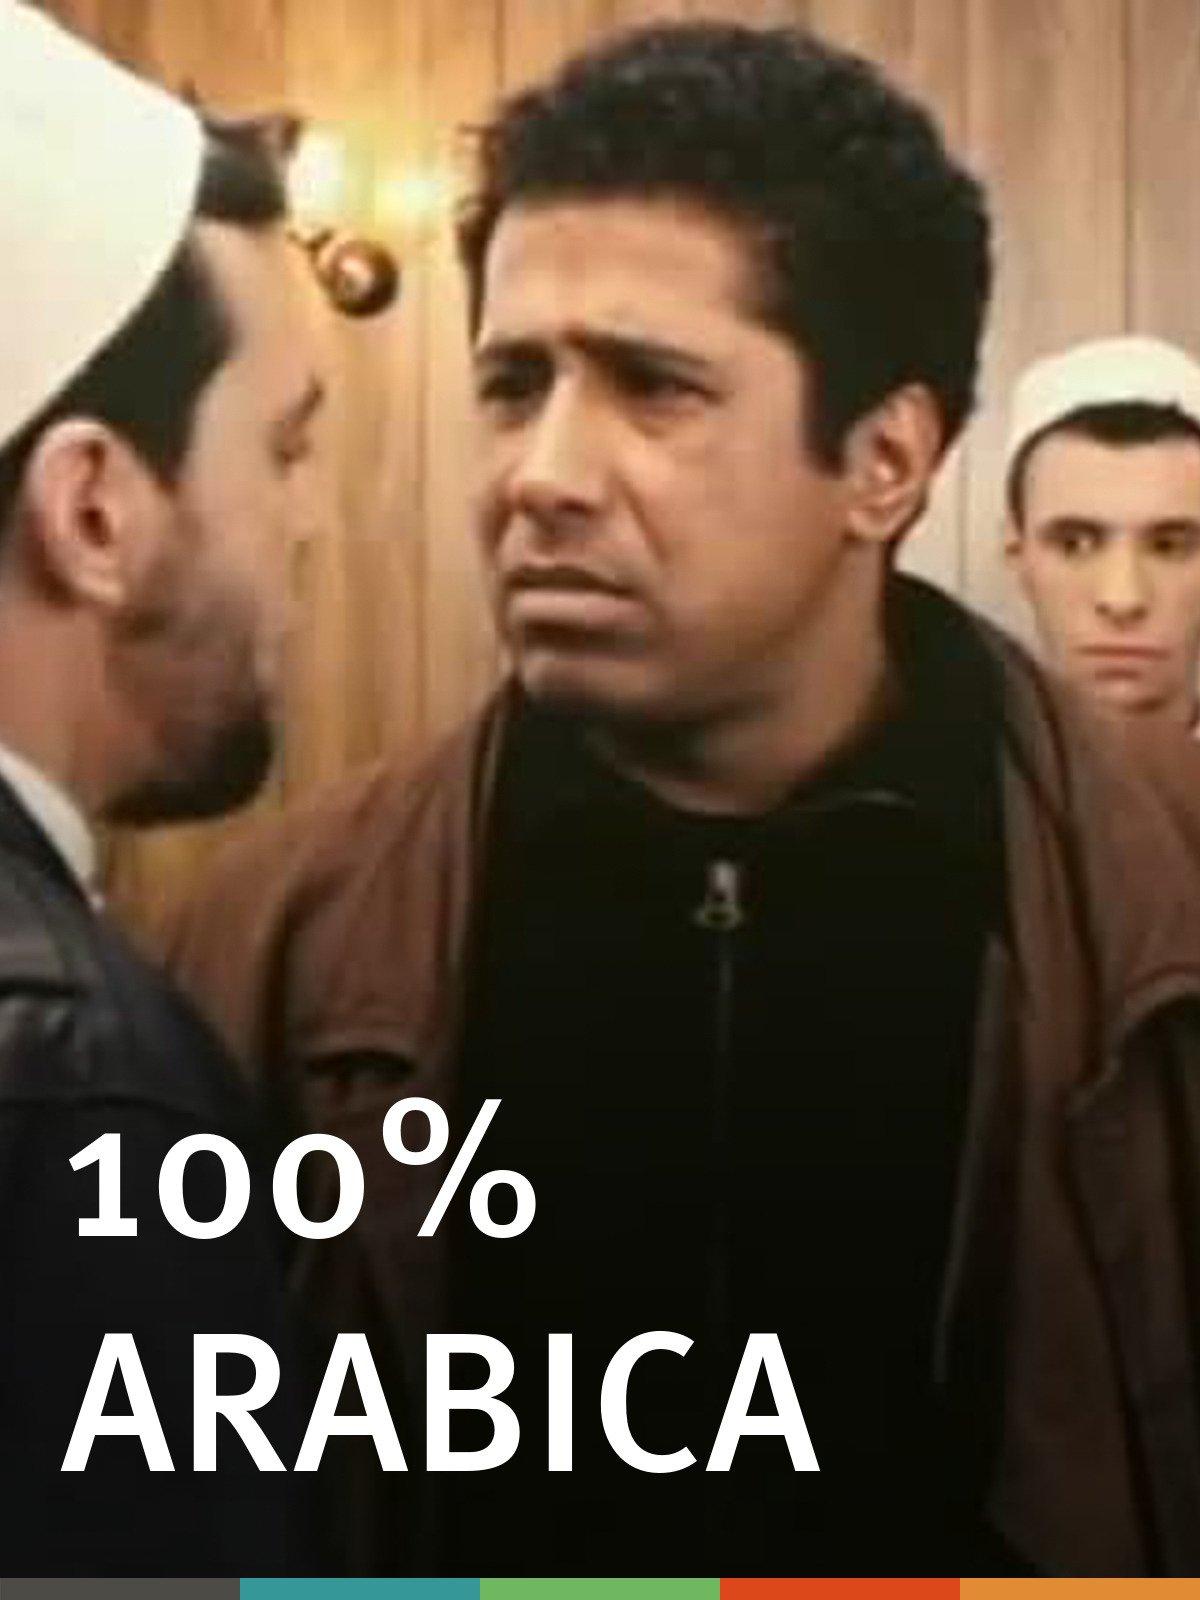 ARABICA 100 TÉLÉCHARGER 1997 FILM